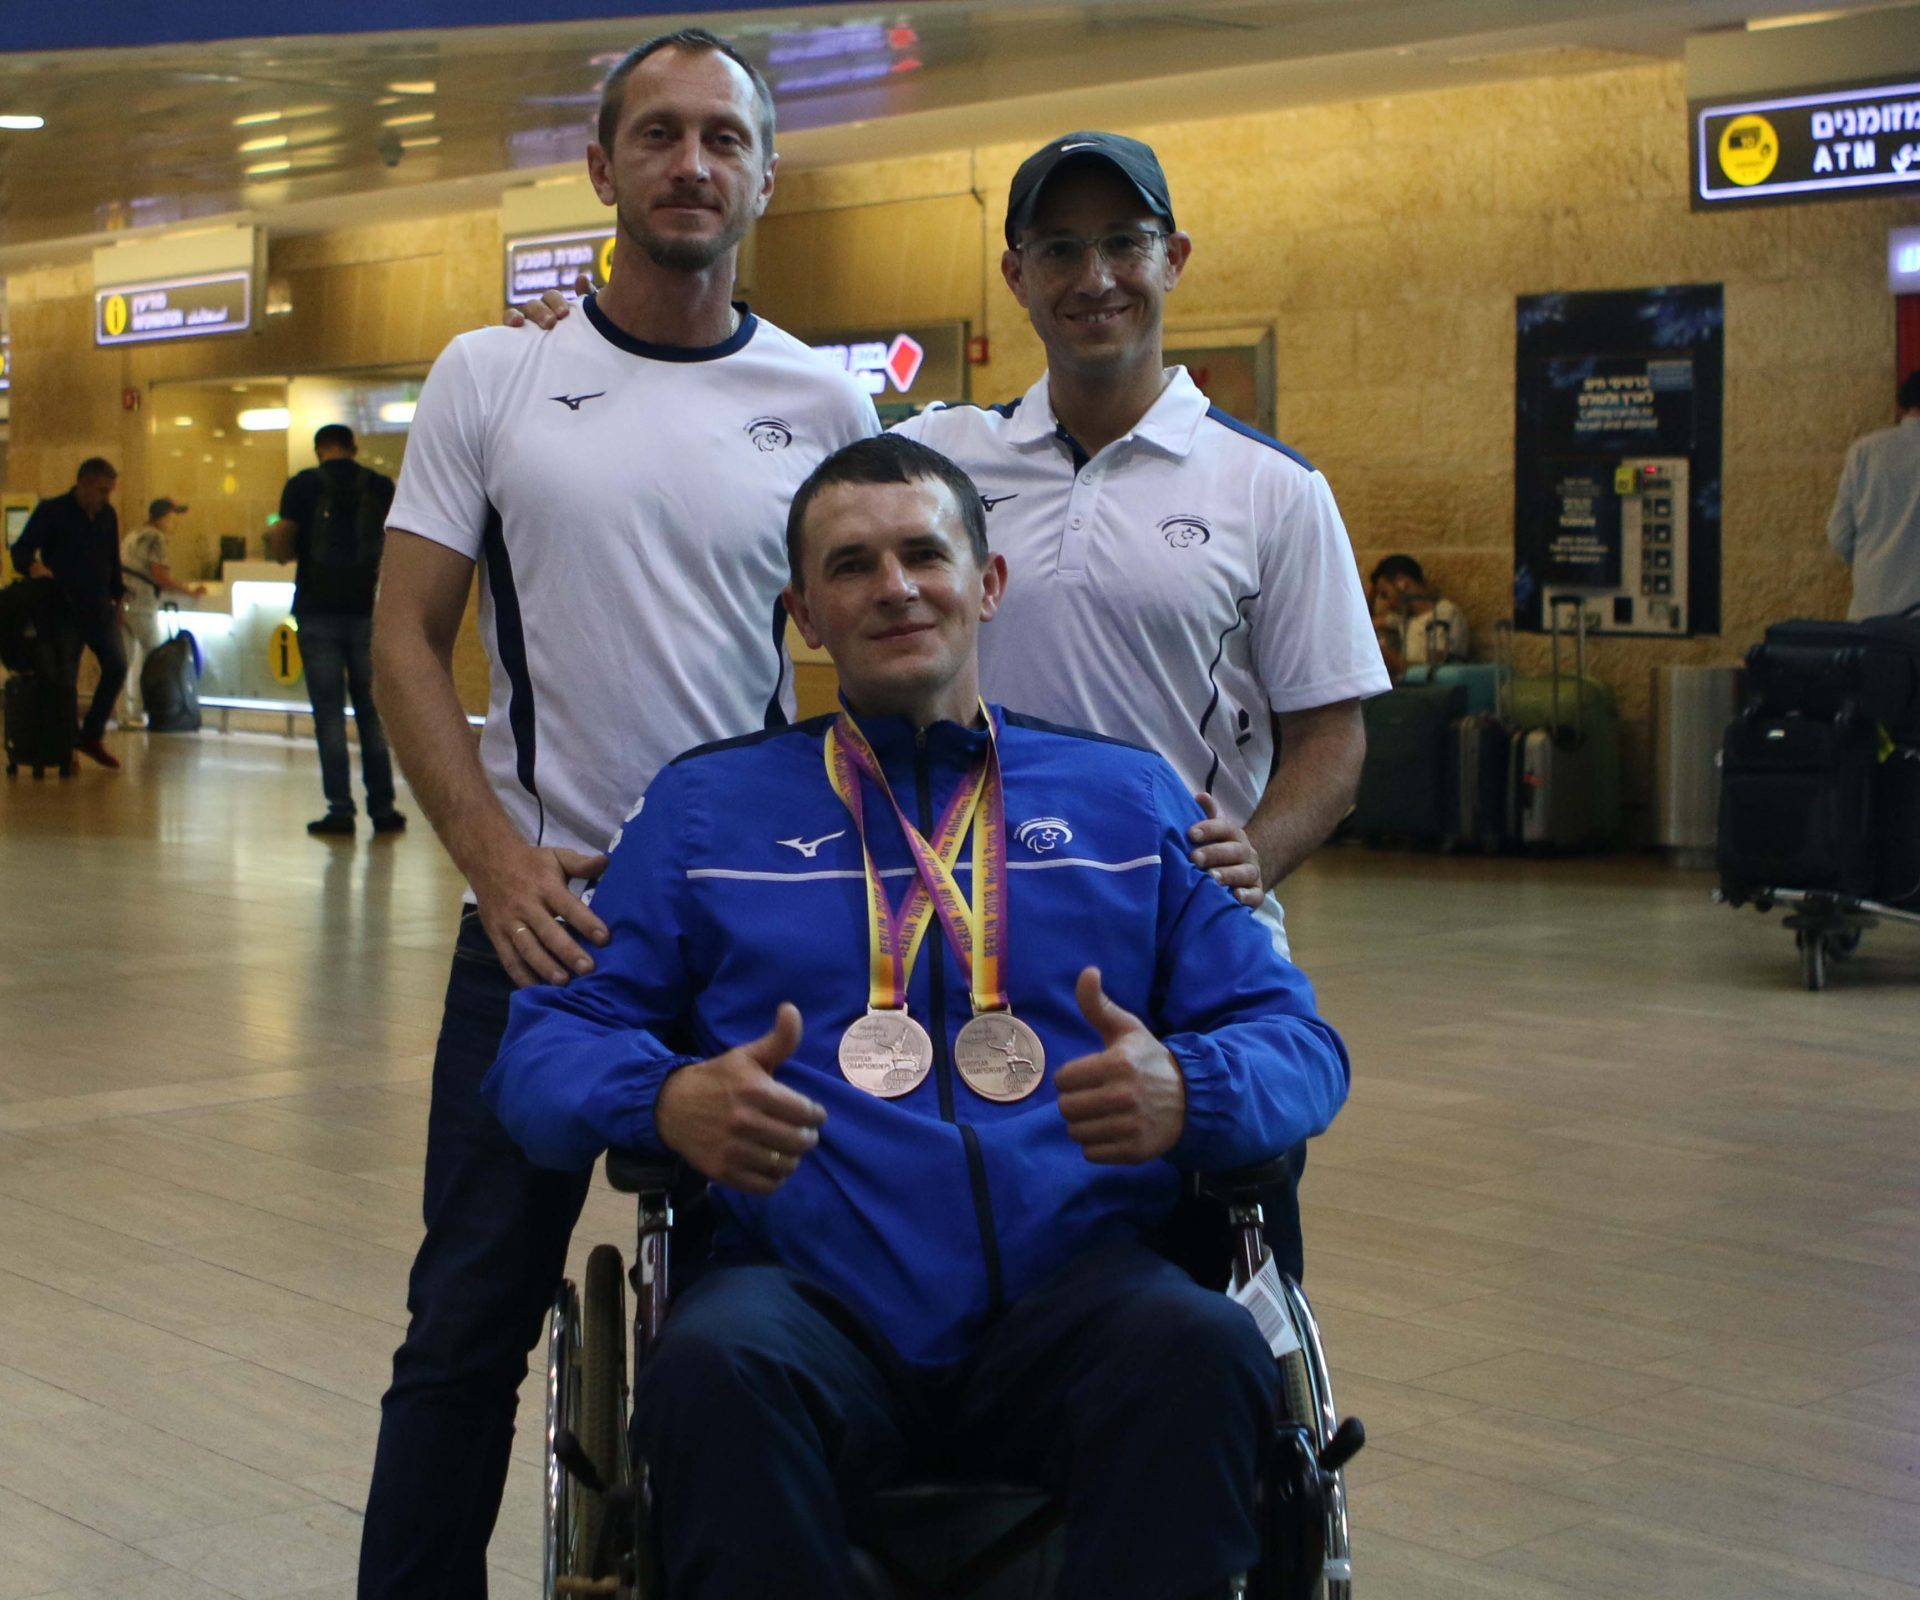 אלכסנדר אלכסיינקו - 2 מדליות ארד בהדיפת כדור ברזל והטלת כידון - אליפות אירופה 2018